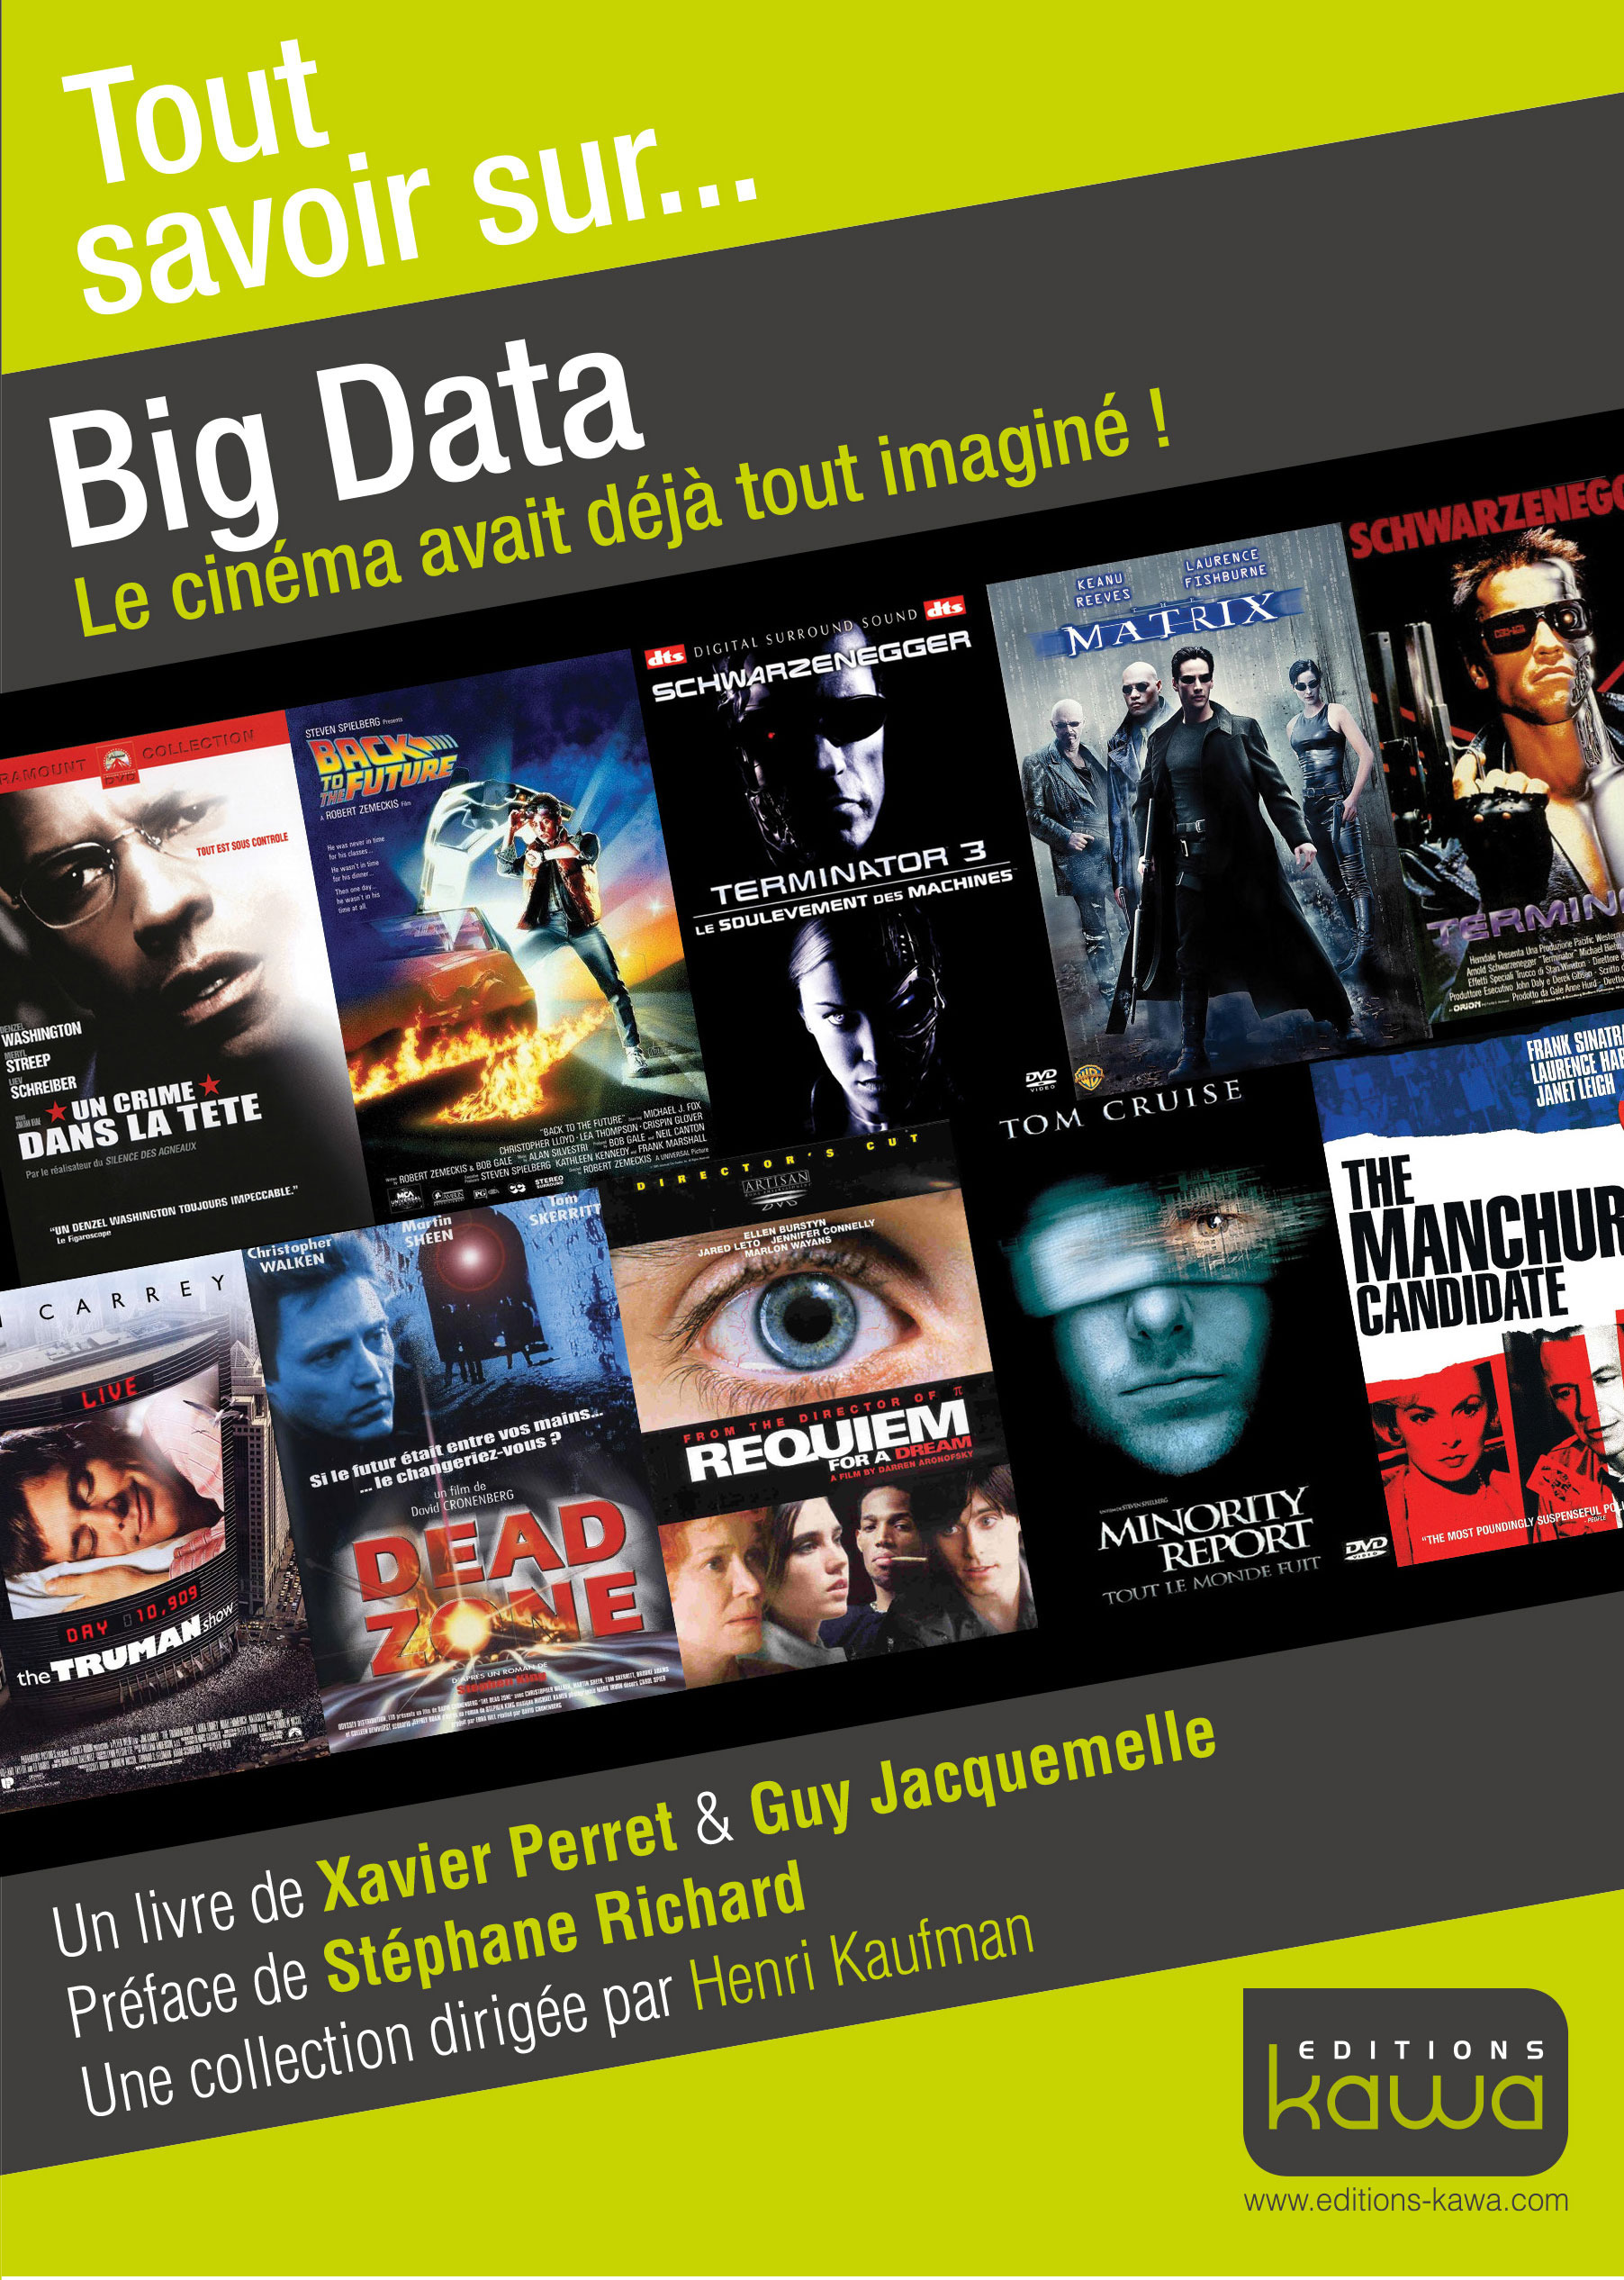 Tout savoir sur... ; big data ; le cinéma avait déjà tout imaginé !